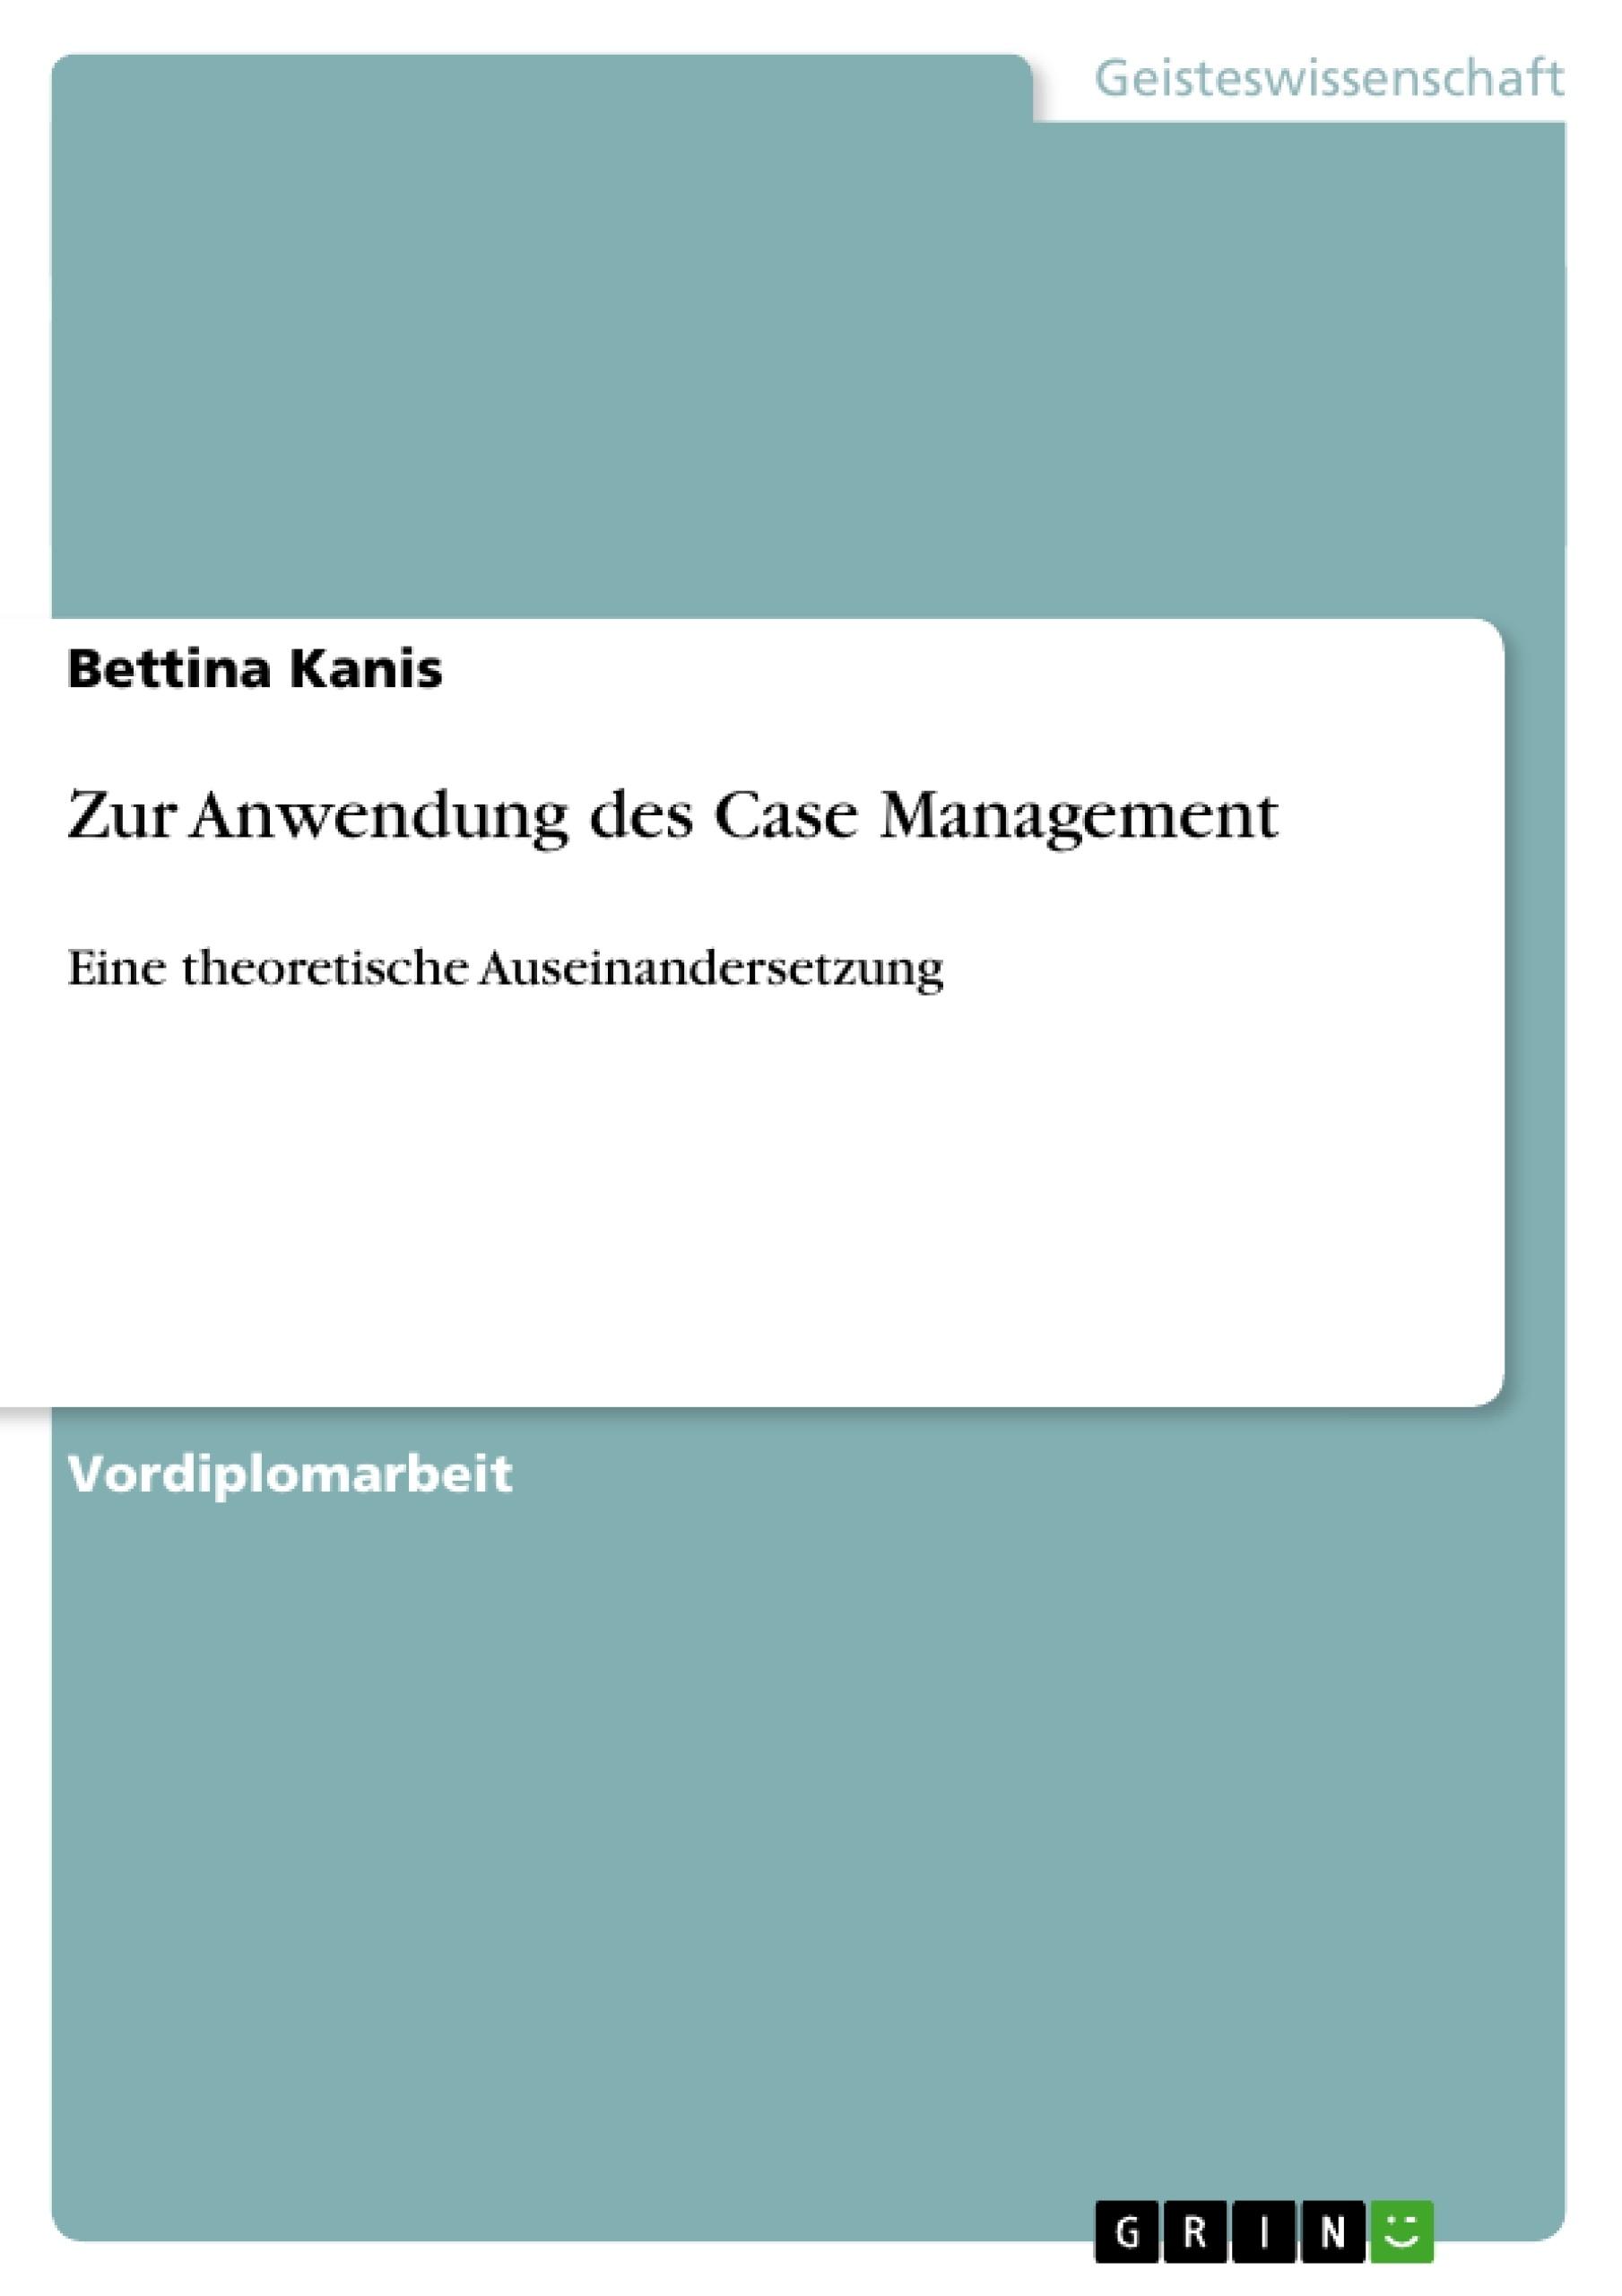 Titel: Zur Anwendung des Case Management